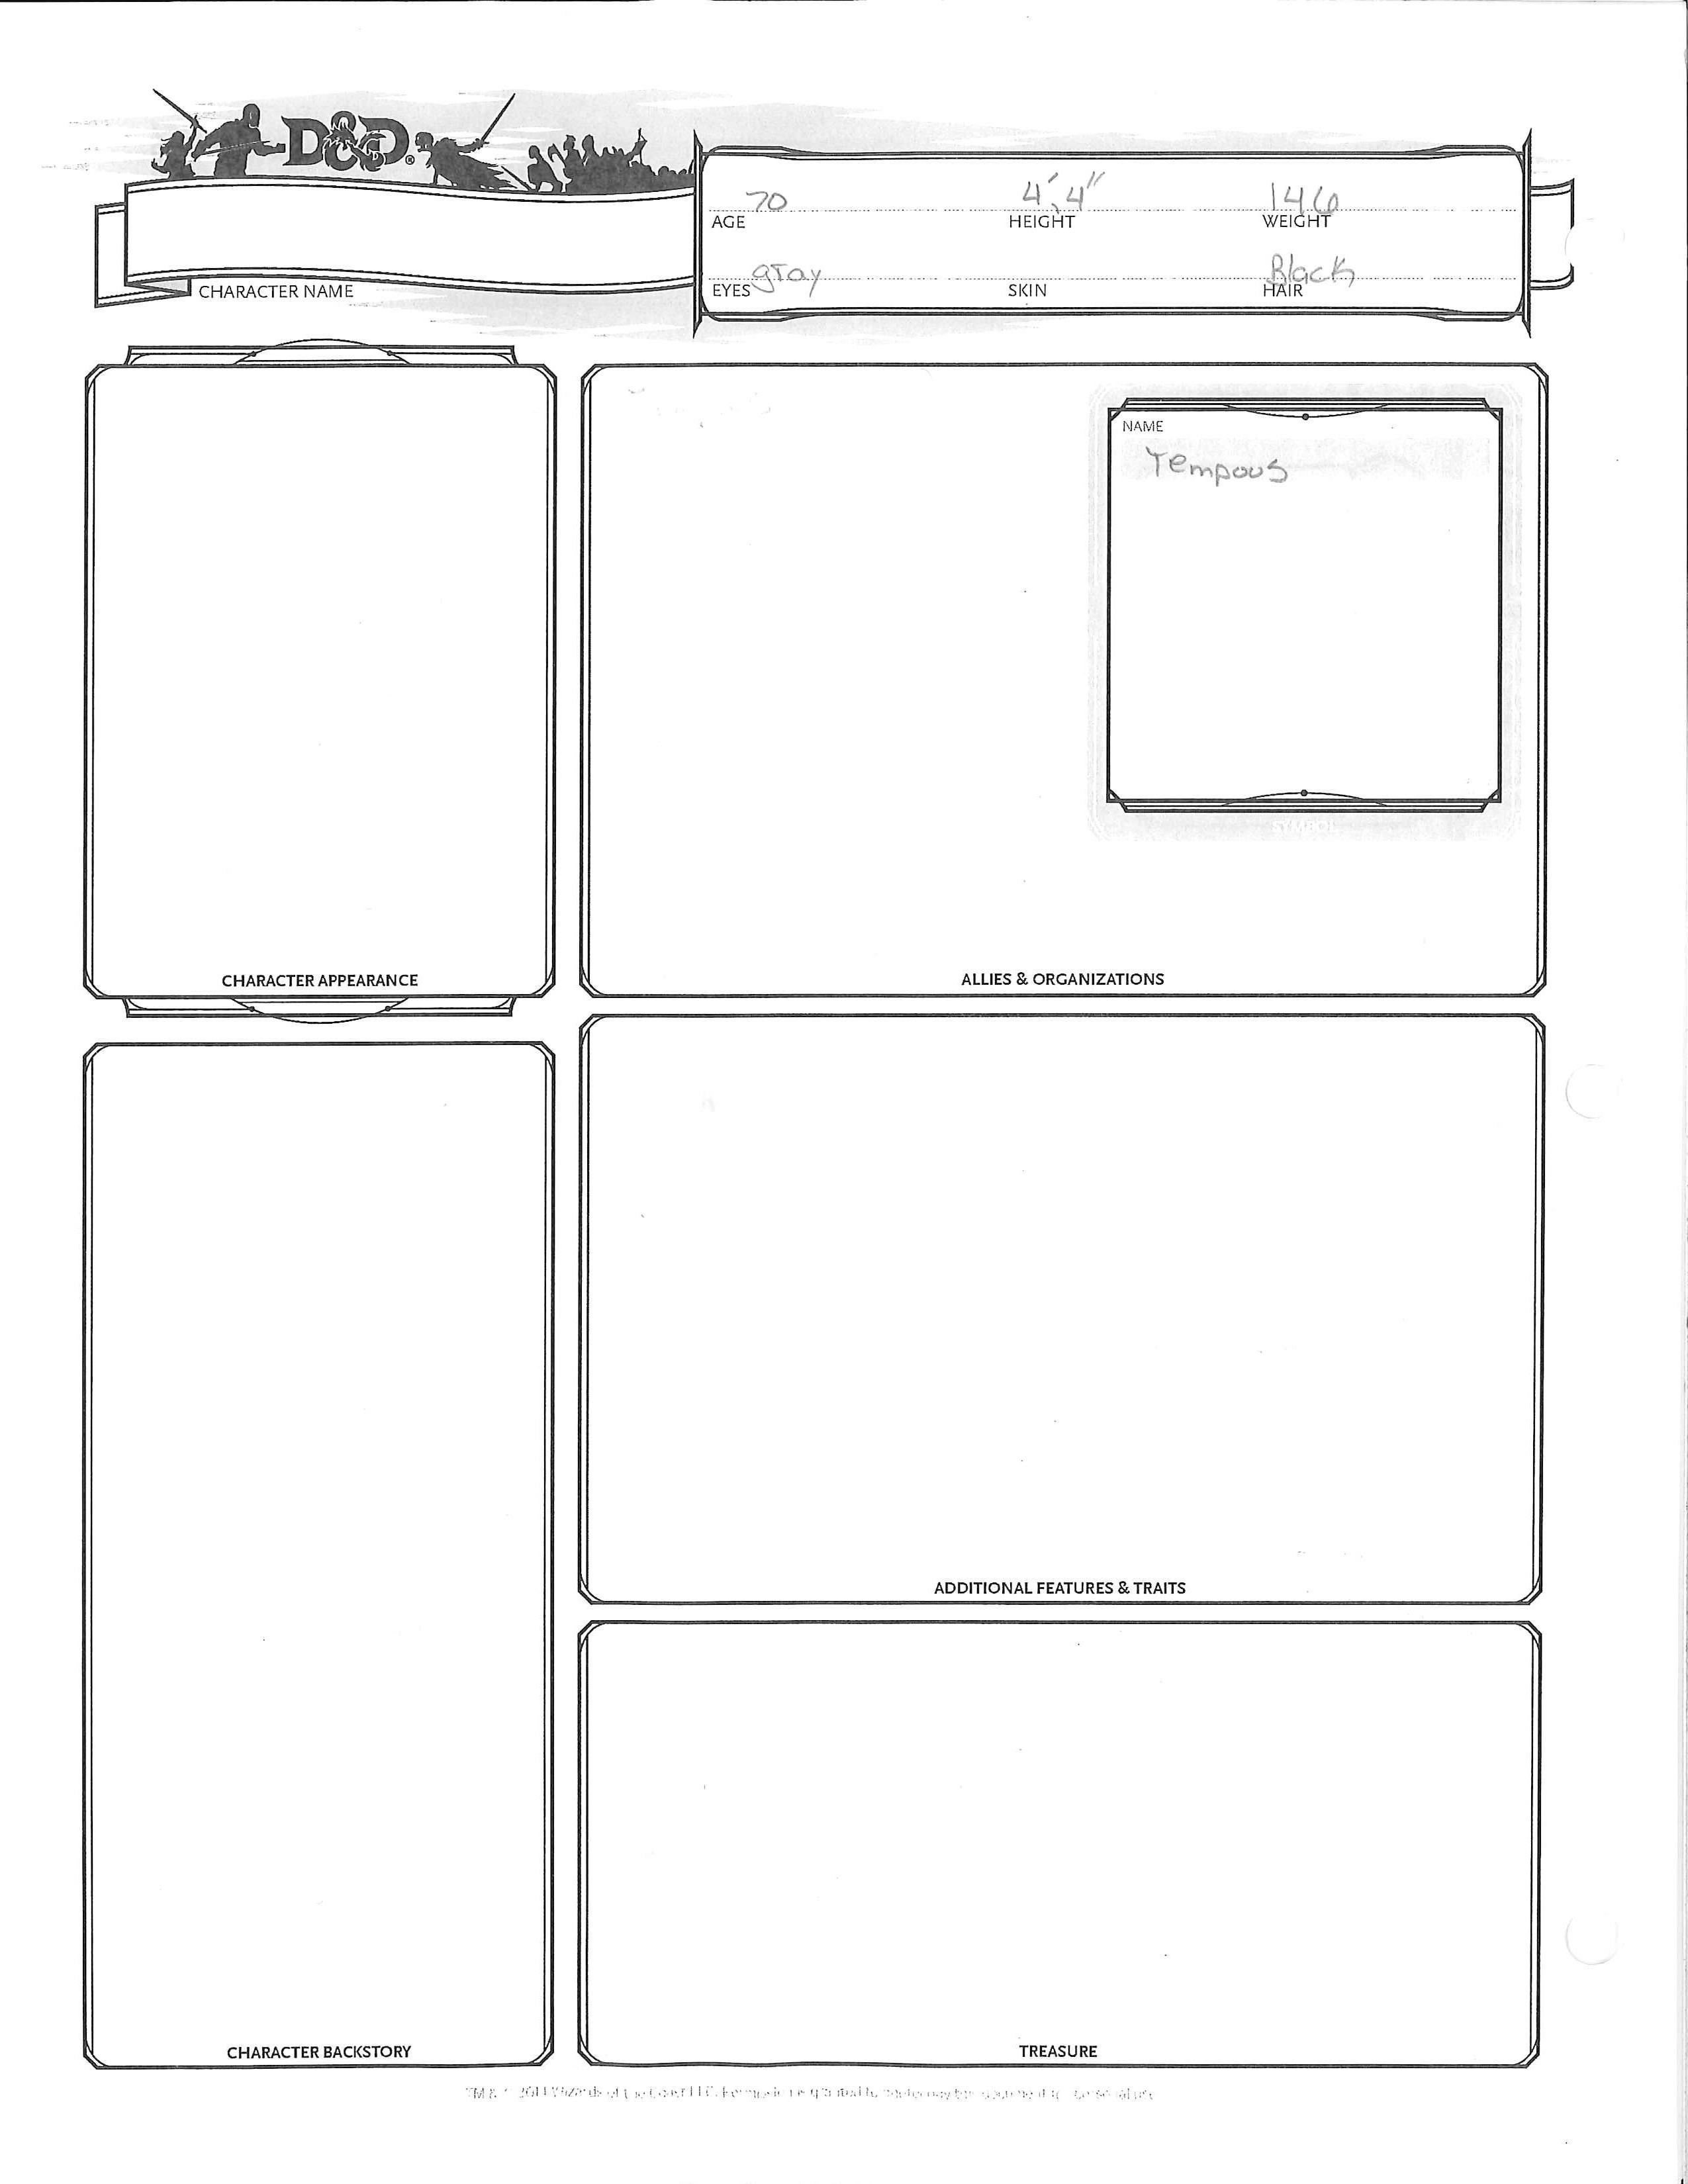 Savan_Anvilbreaker_Character_Sheet-page-1.jpg